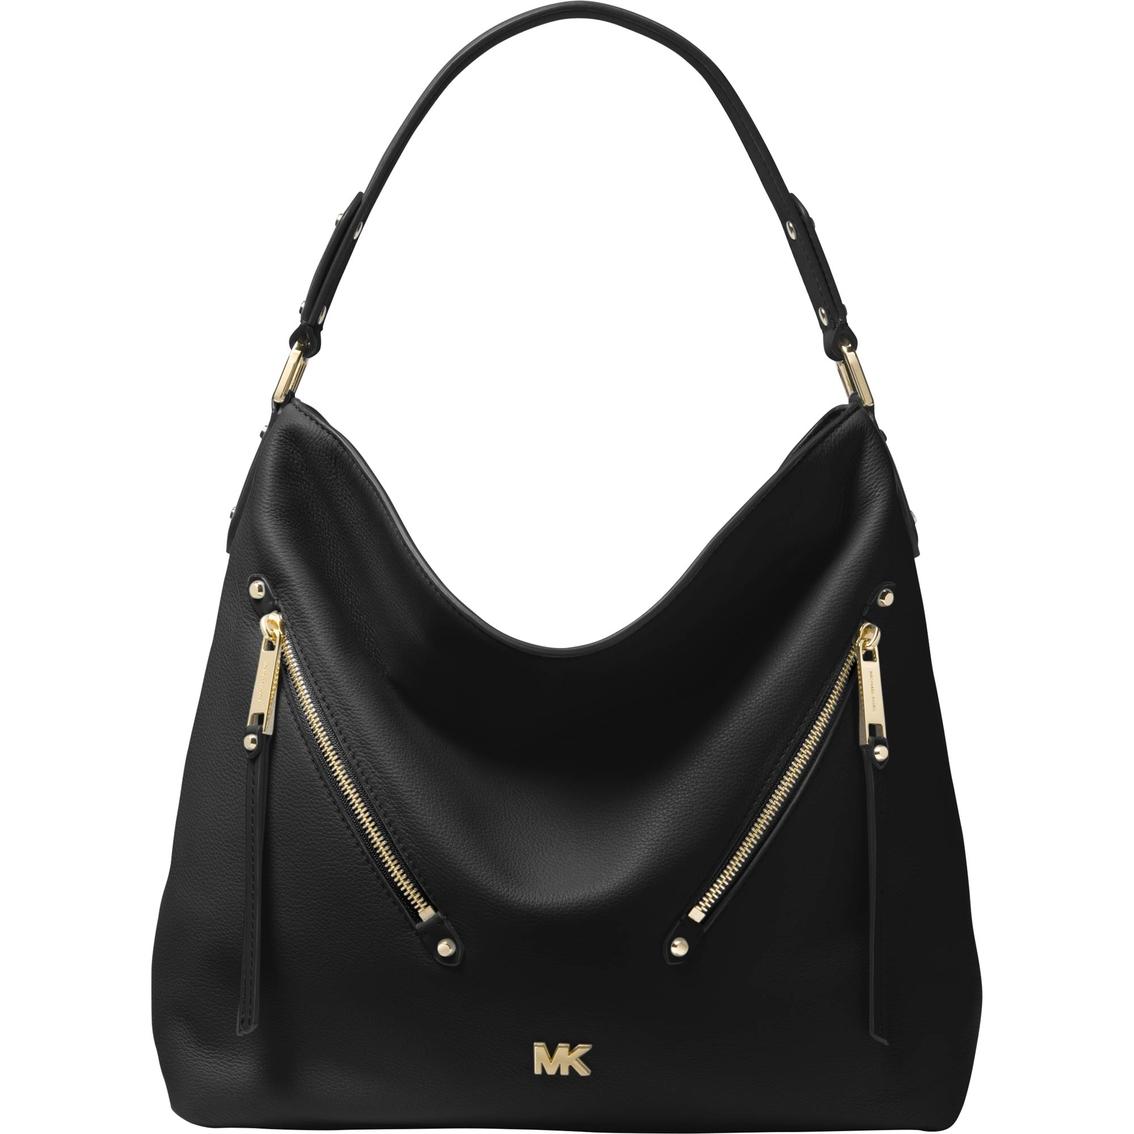 0f285486cc03 Michael Kors Evie Large Hobo Shoulder Bag